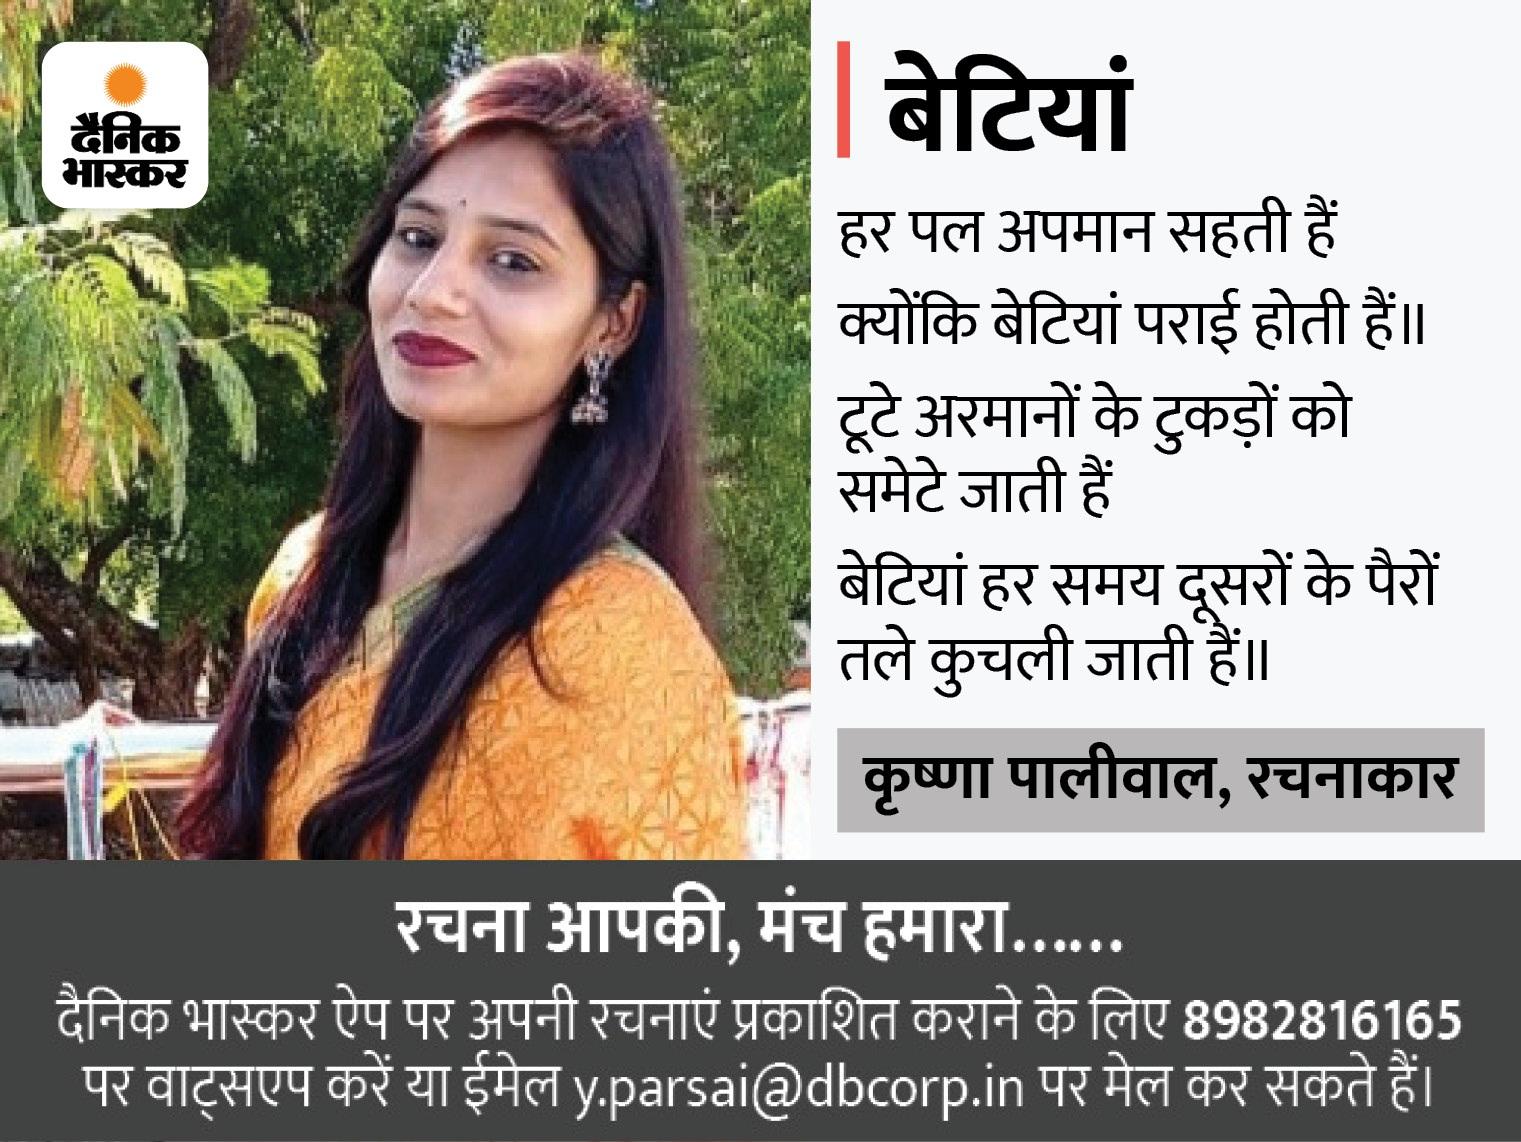 इंदौर की कृष्णा पालीवाल की रचना 'बेटियां';... ईश्वर के वरदान को दो पक्षों में बांट दिया, बेटे को सम्मान और बेटी का अपमान किया|इंदौर,Indore - Dainik Bhaskar